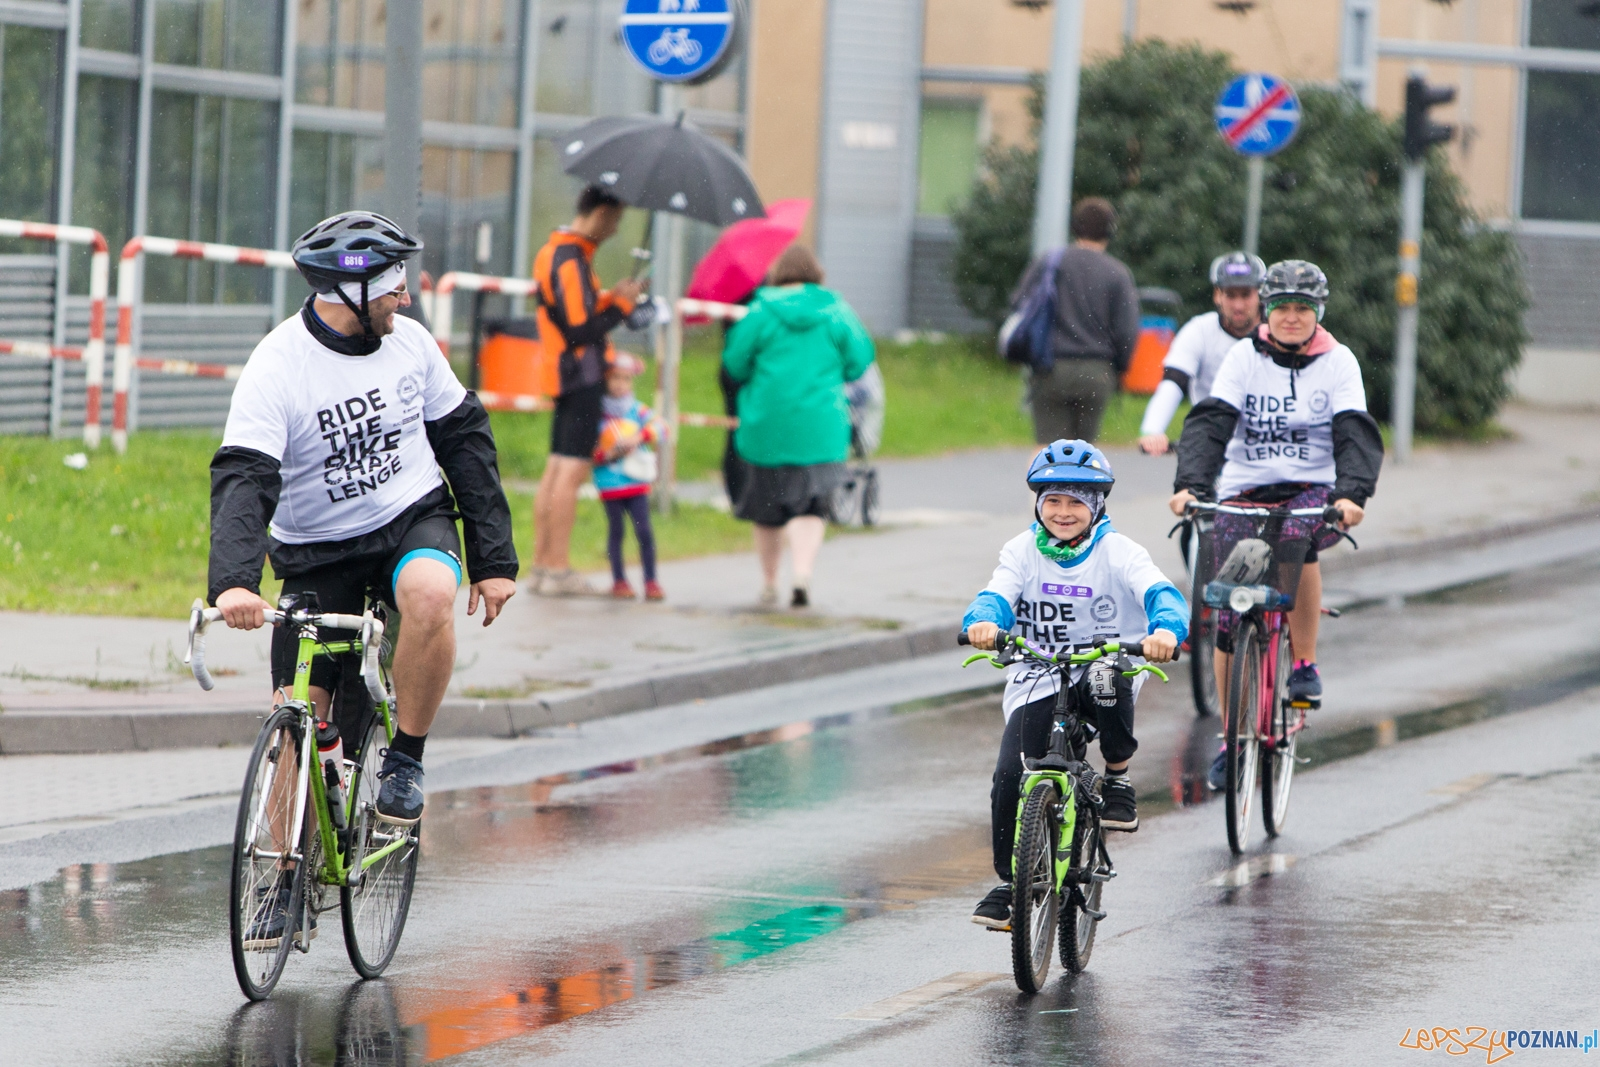 Škoda Poznań Bike Challenge  Foto: lepszyPOZNAN.pl/Piotr Rychter